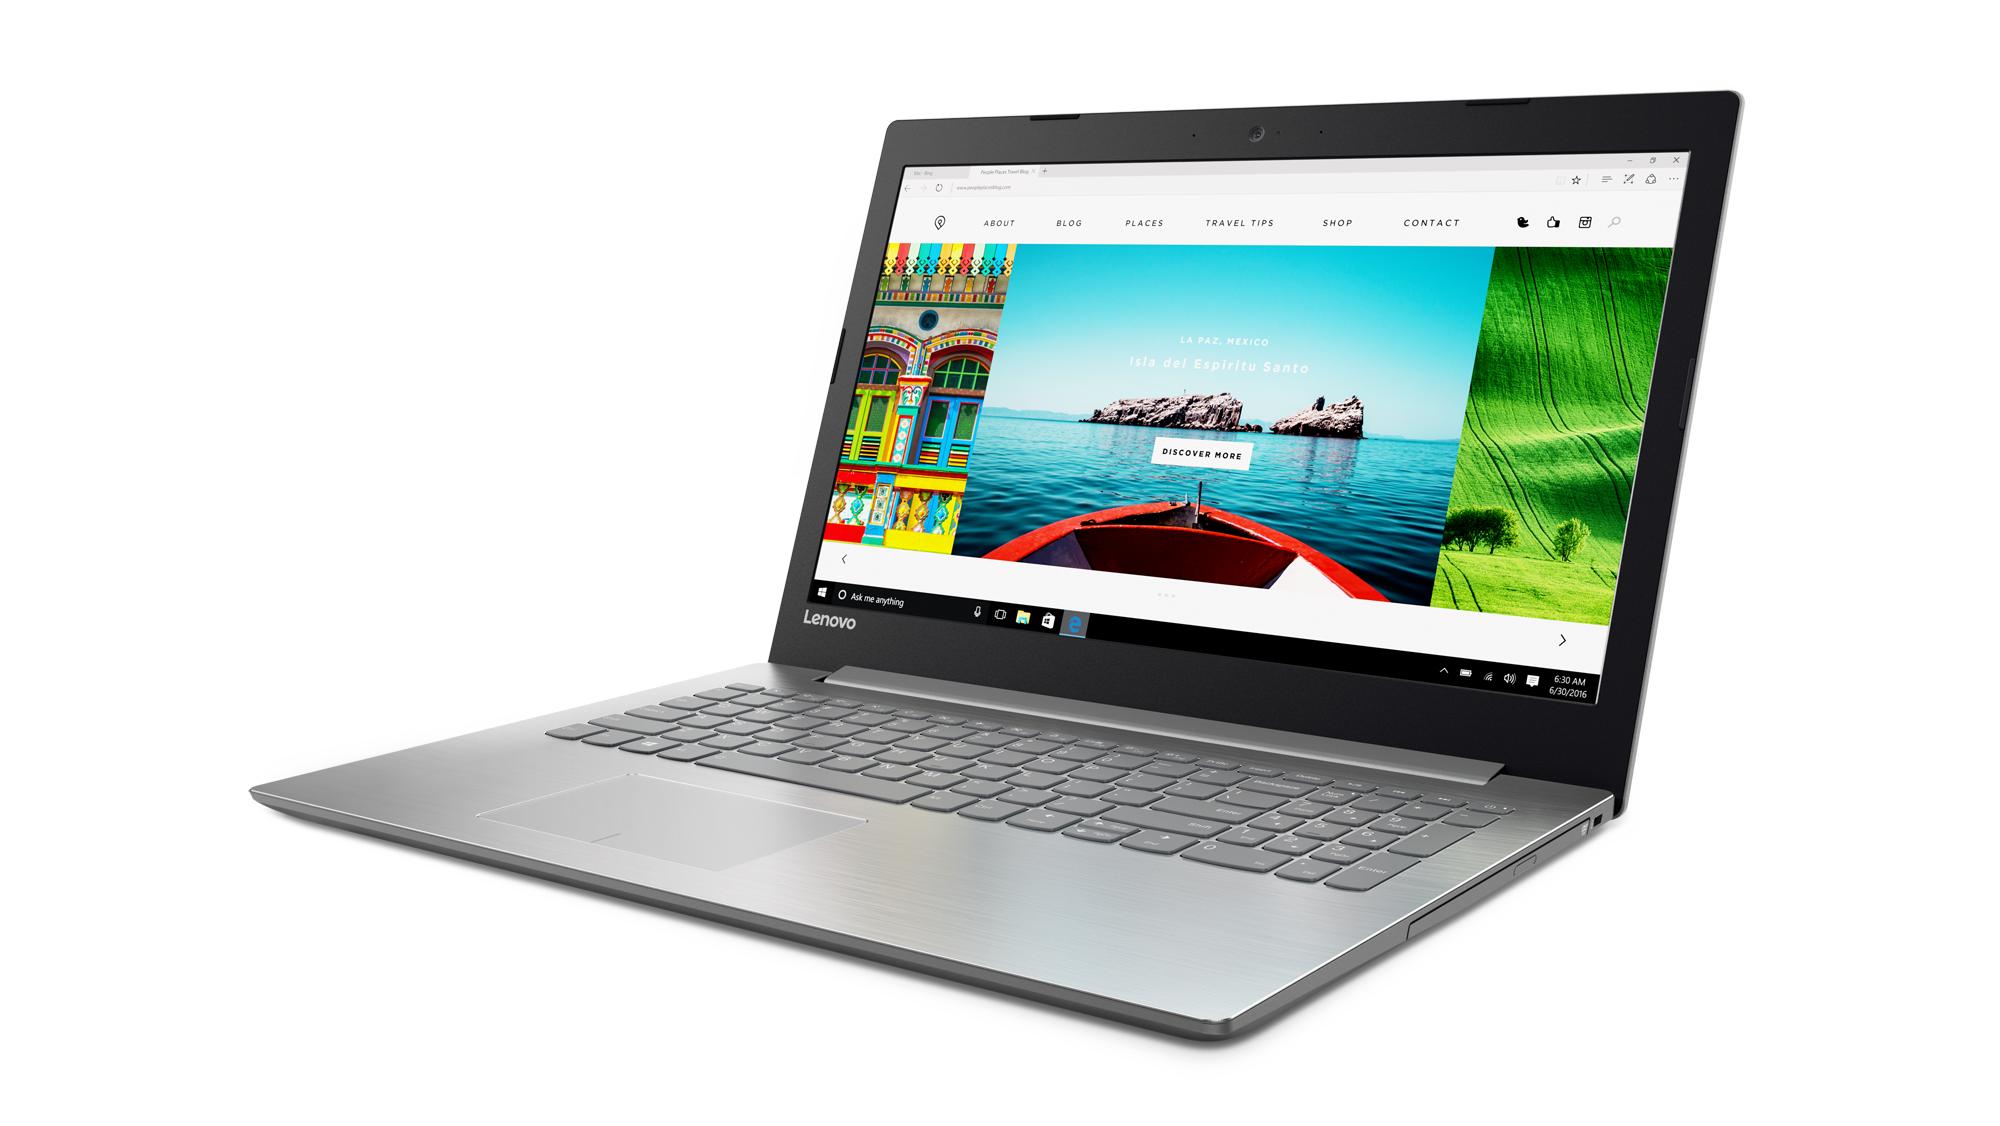 """Lenovo IdeaPad 320-15AST AMD A6-9220 2,50GHz/4GB/1TB/15,6"""" FHD/AG/WIN10 šedá 80XV0066CK"""